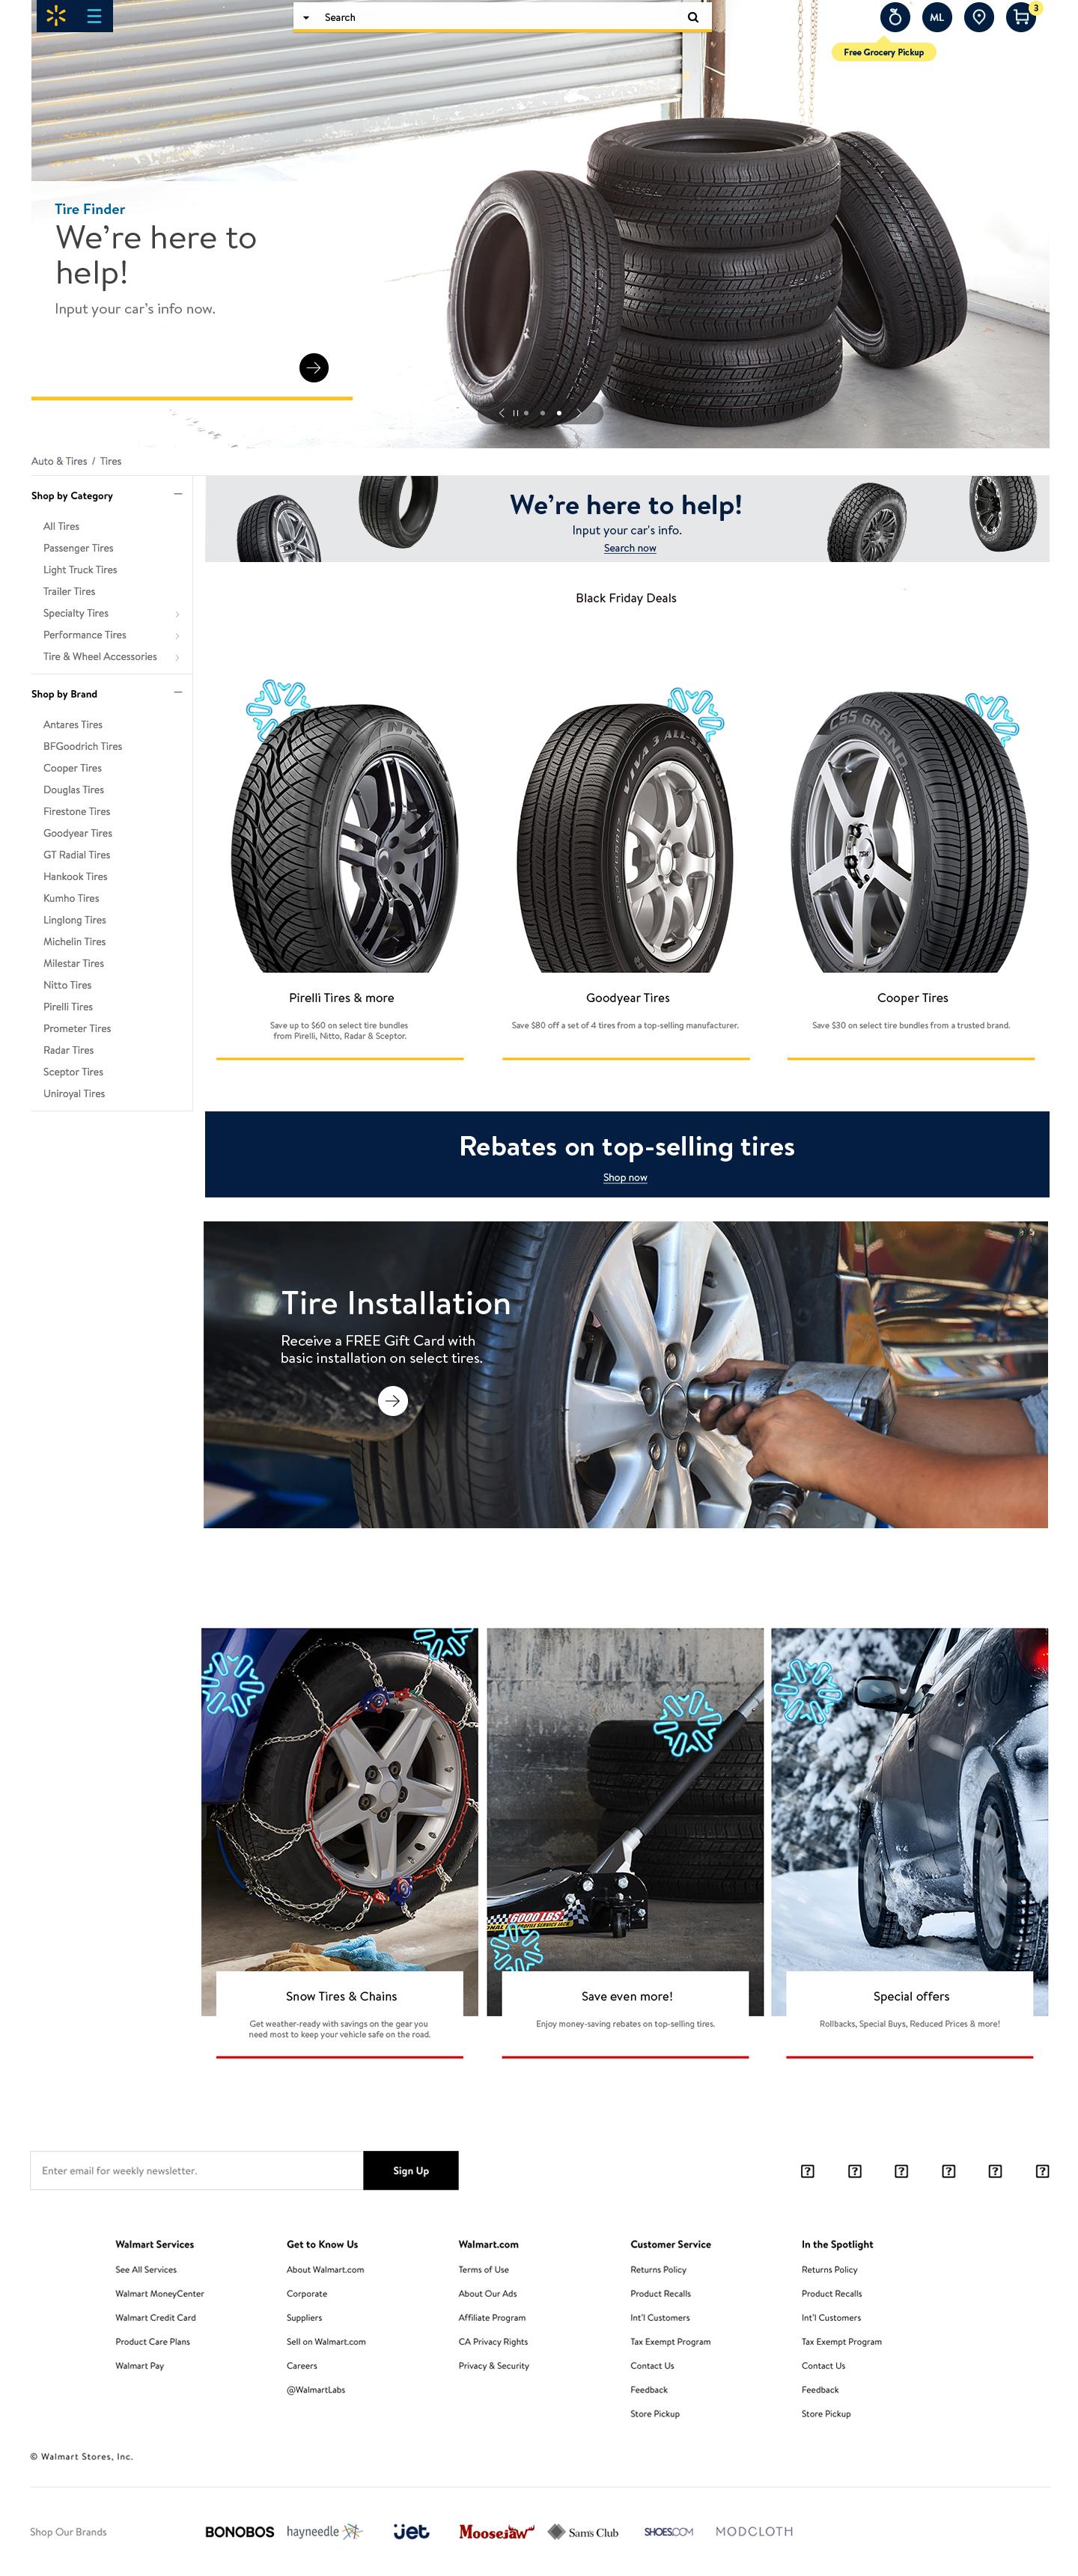 44289-274478_Tires_CP_Update_Mockup.jpg